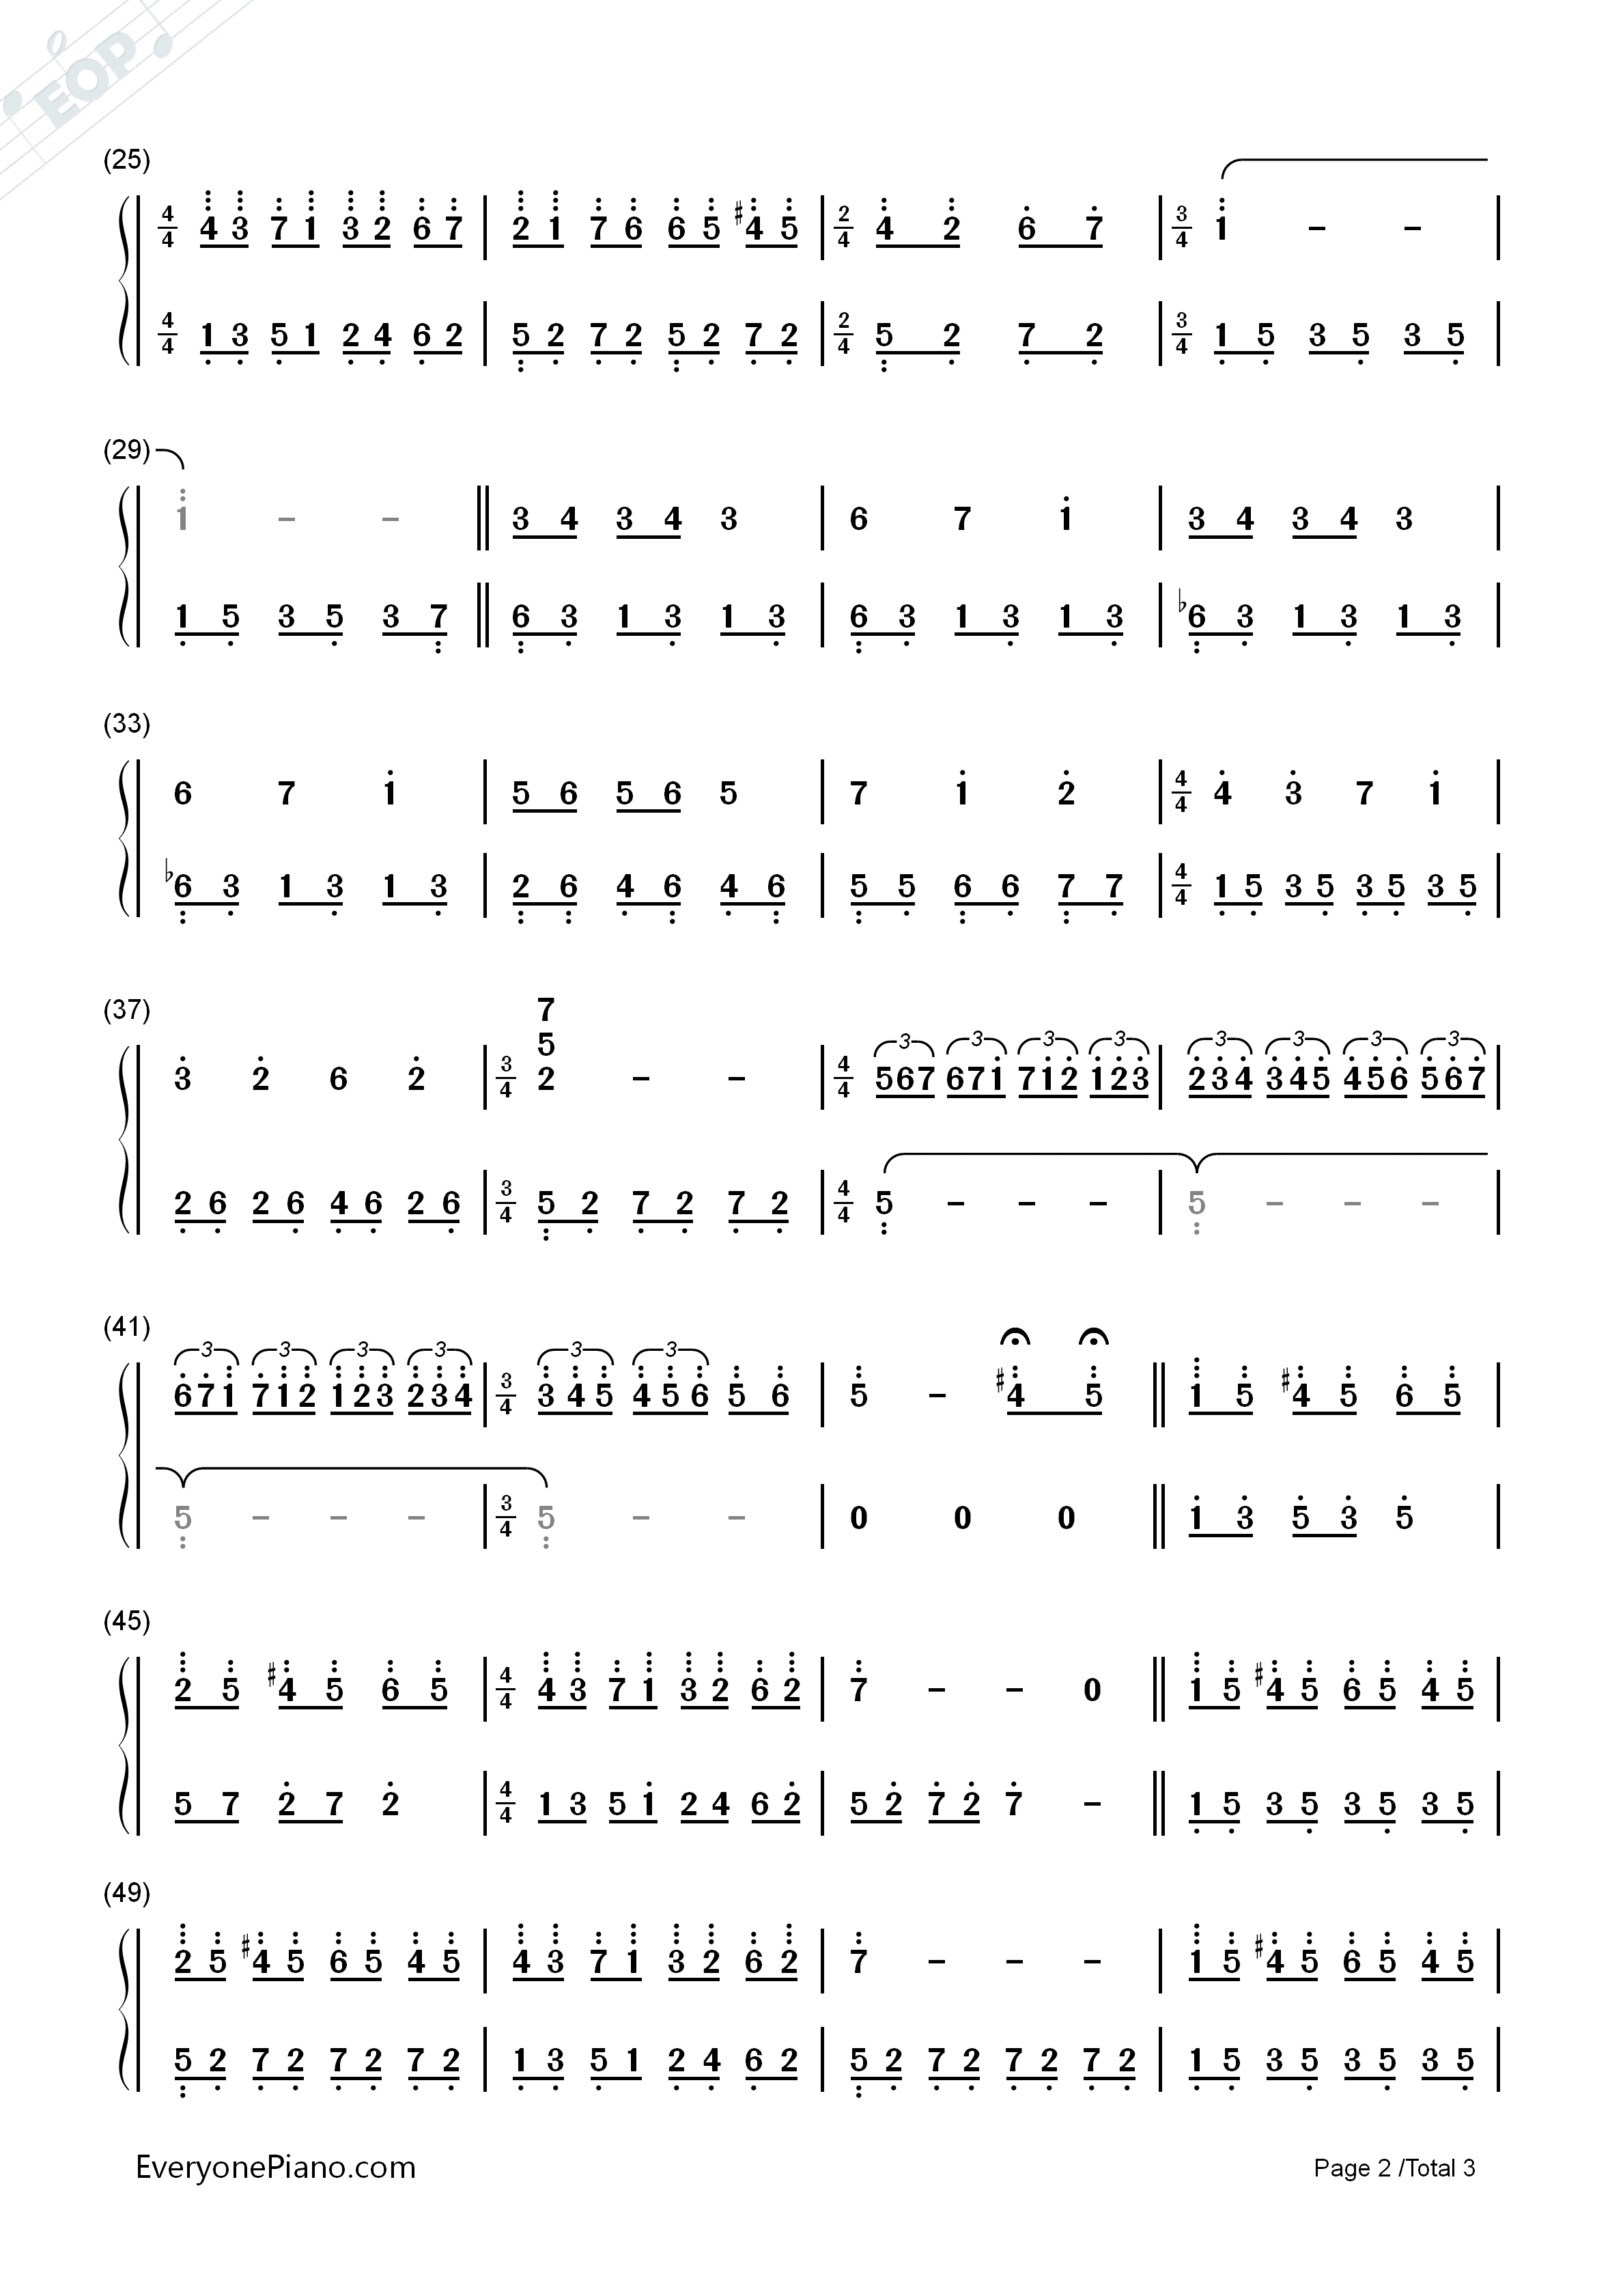 钢琴曲谱 轻音乐 爱的旋律-理查德克莱德曼 爱的旋律-理查德克莱德曼